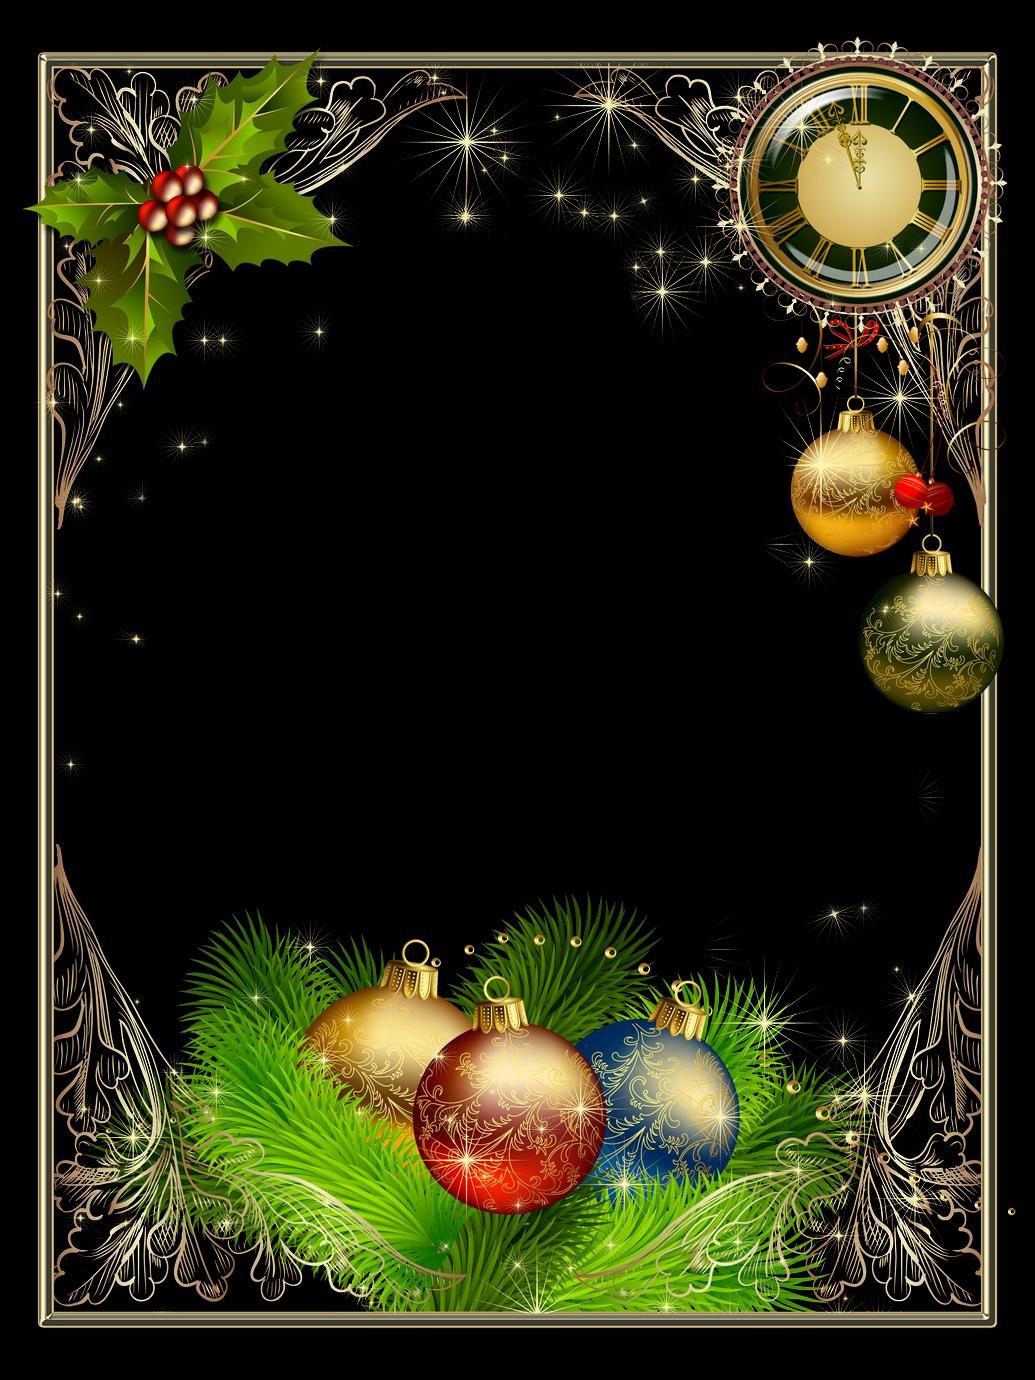 Bordes y marcos de fotos de navidad y a o nuevo marcos gratis cartas pinterest - Adornos para fotos gratis ...